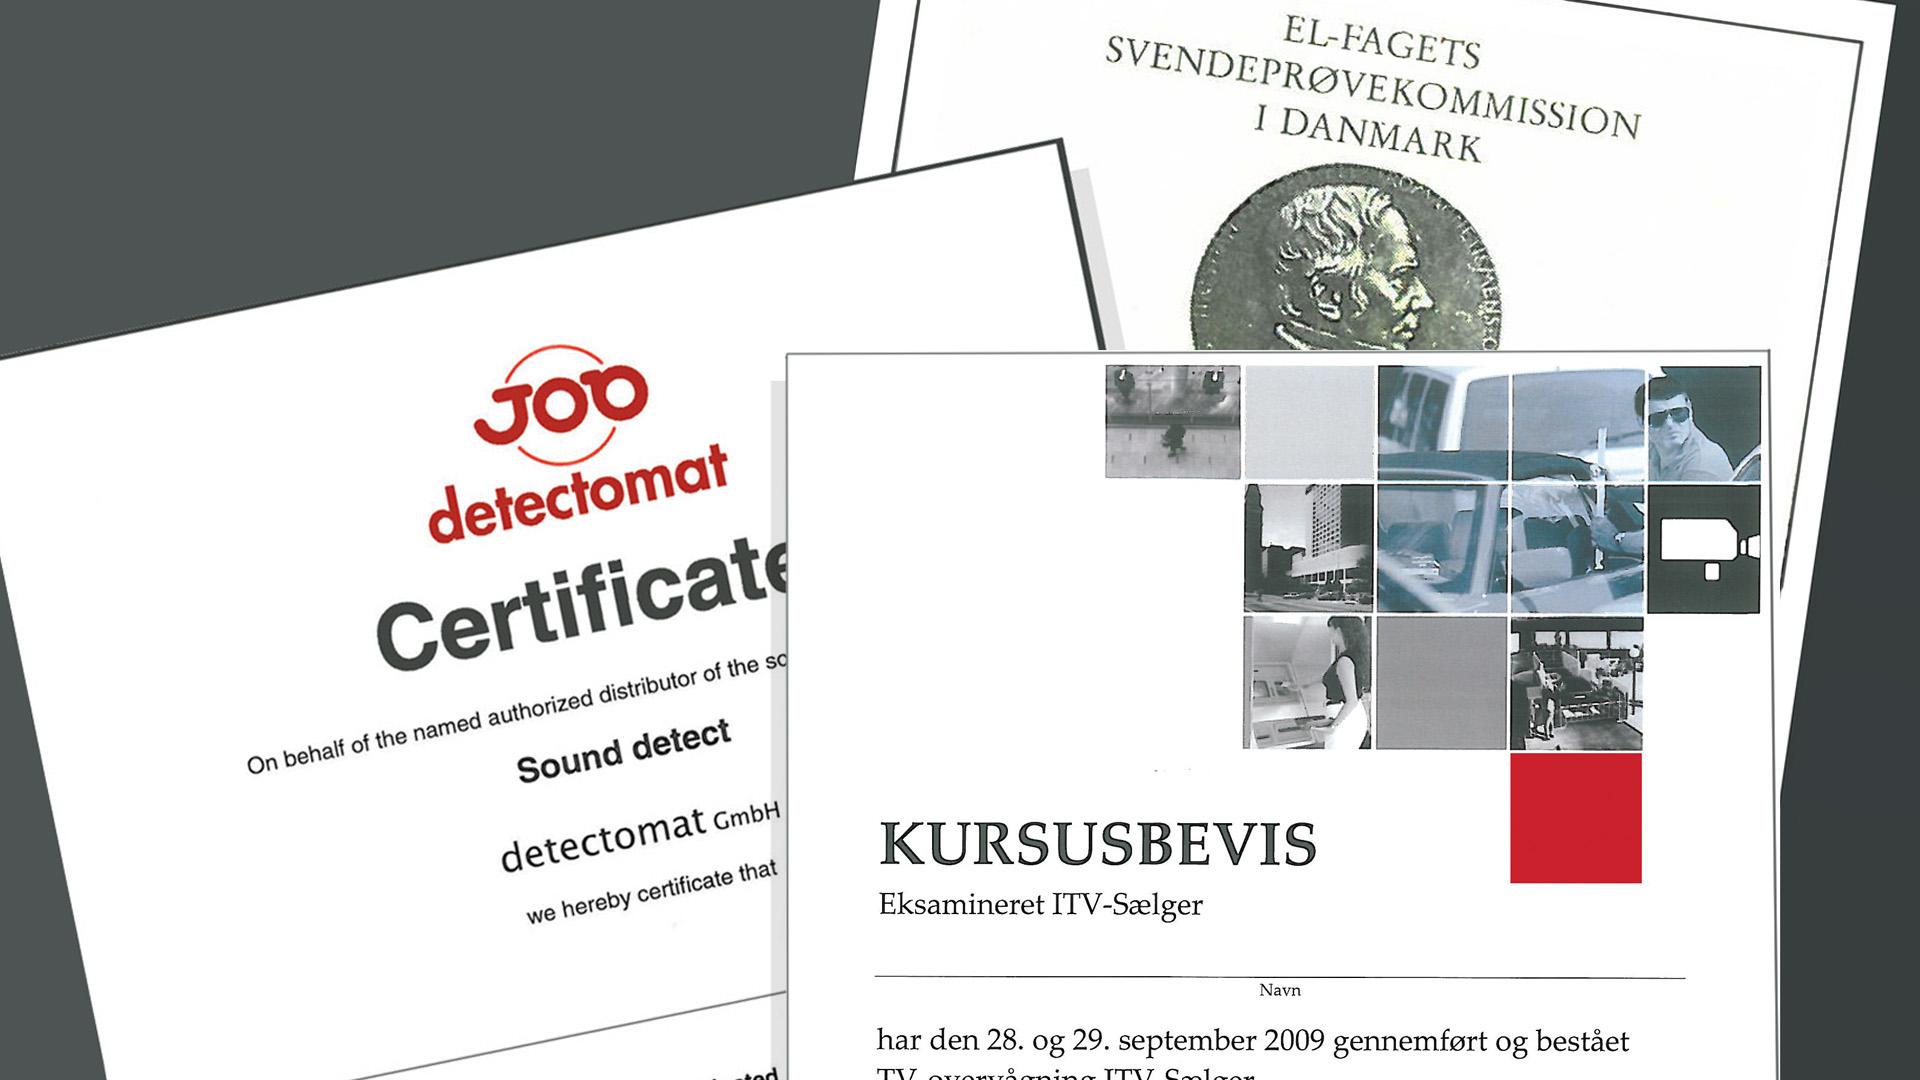 ADK-Teknik-Certifikater-og-beviser2